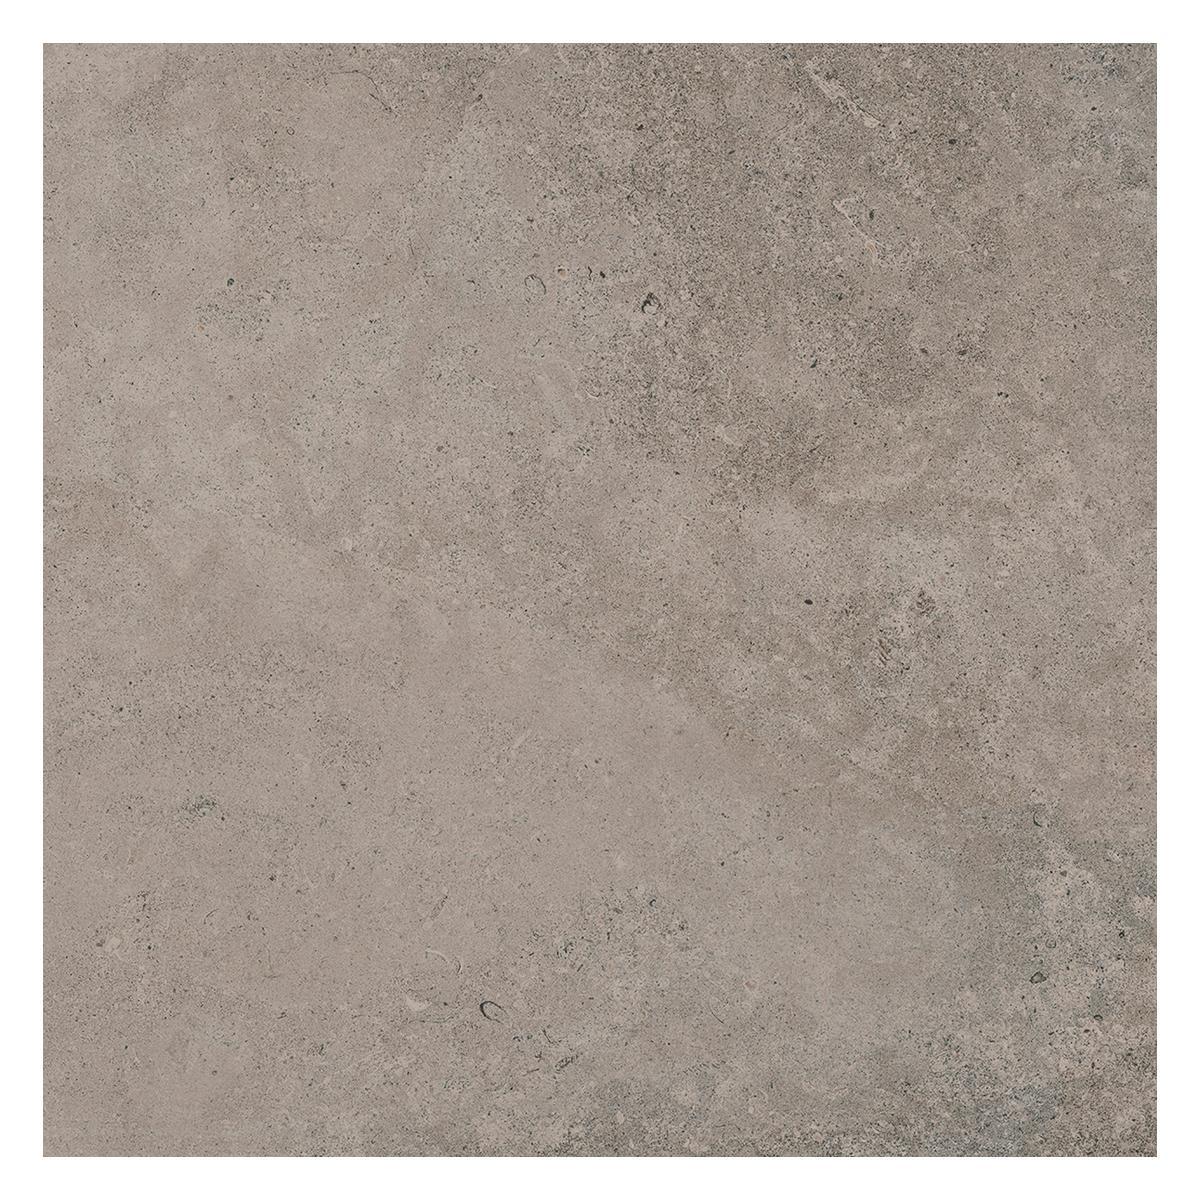 Porcelanato Mosa River Gris Mate - 120X120 cm - 1.44 m2